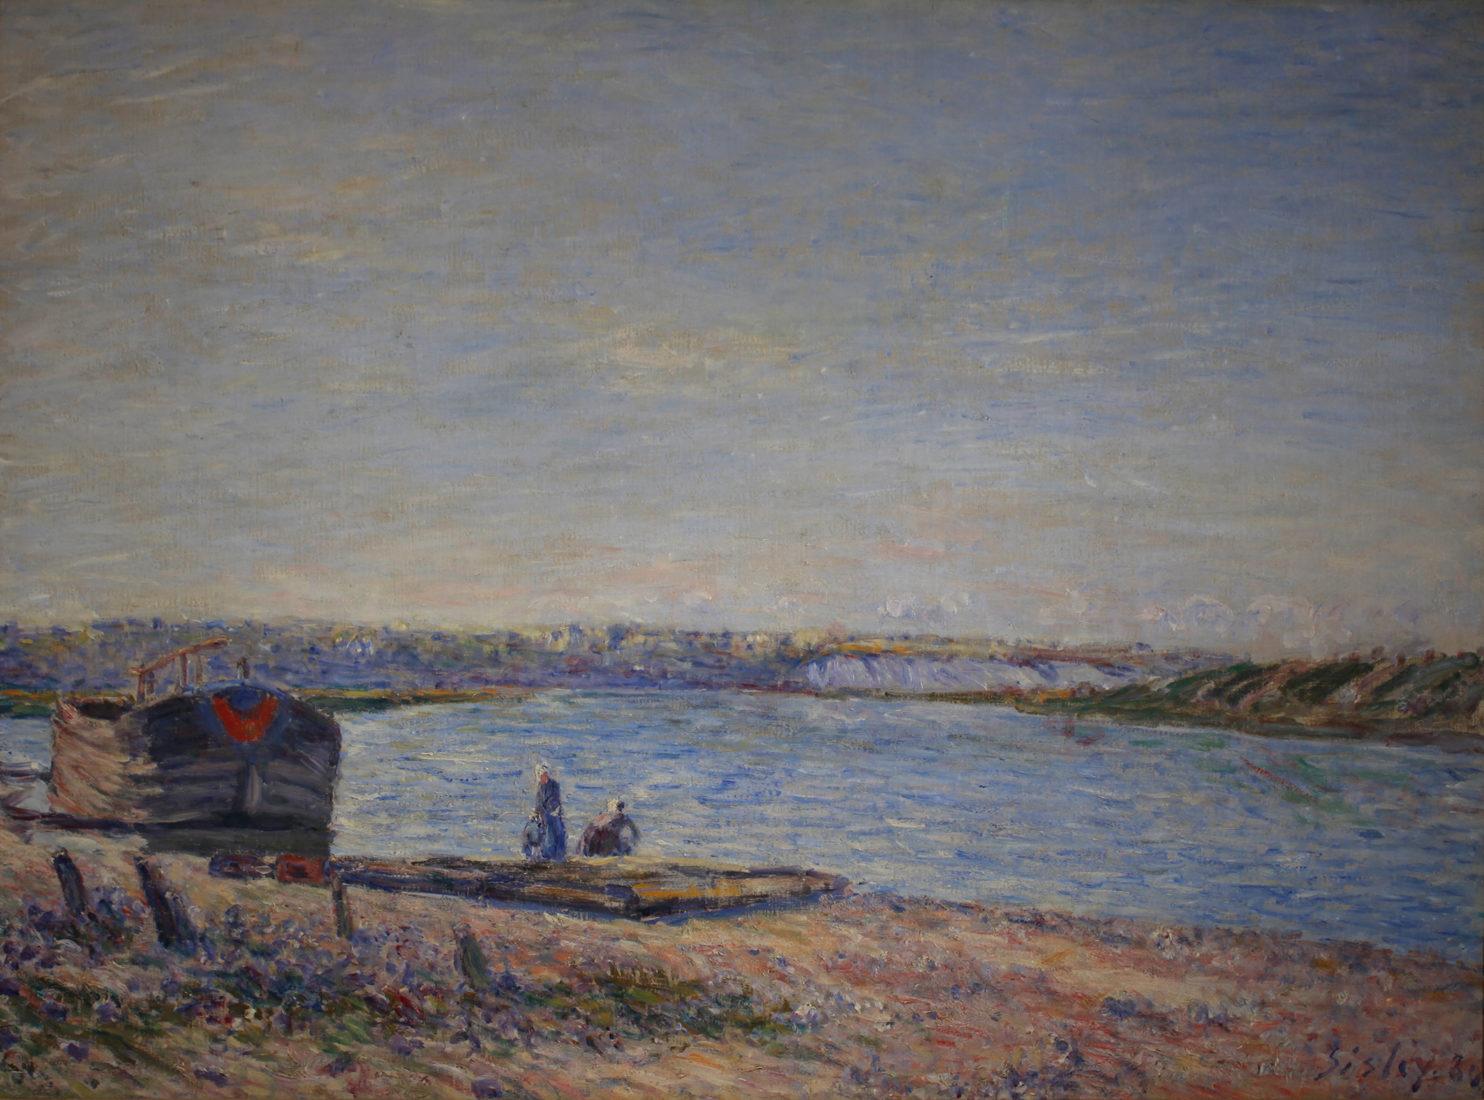 Le Cannet Monet,Sysley Les coteaux de veneux coll Nahmad